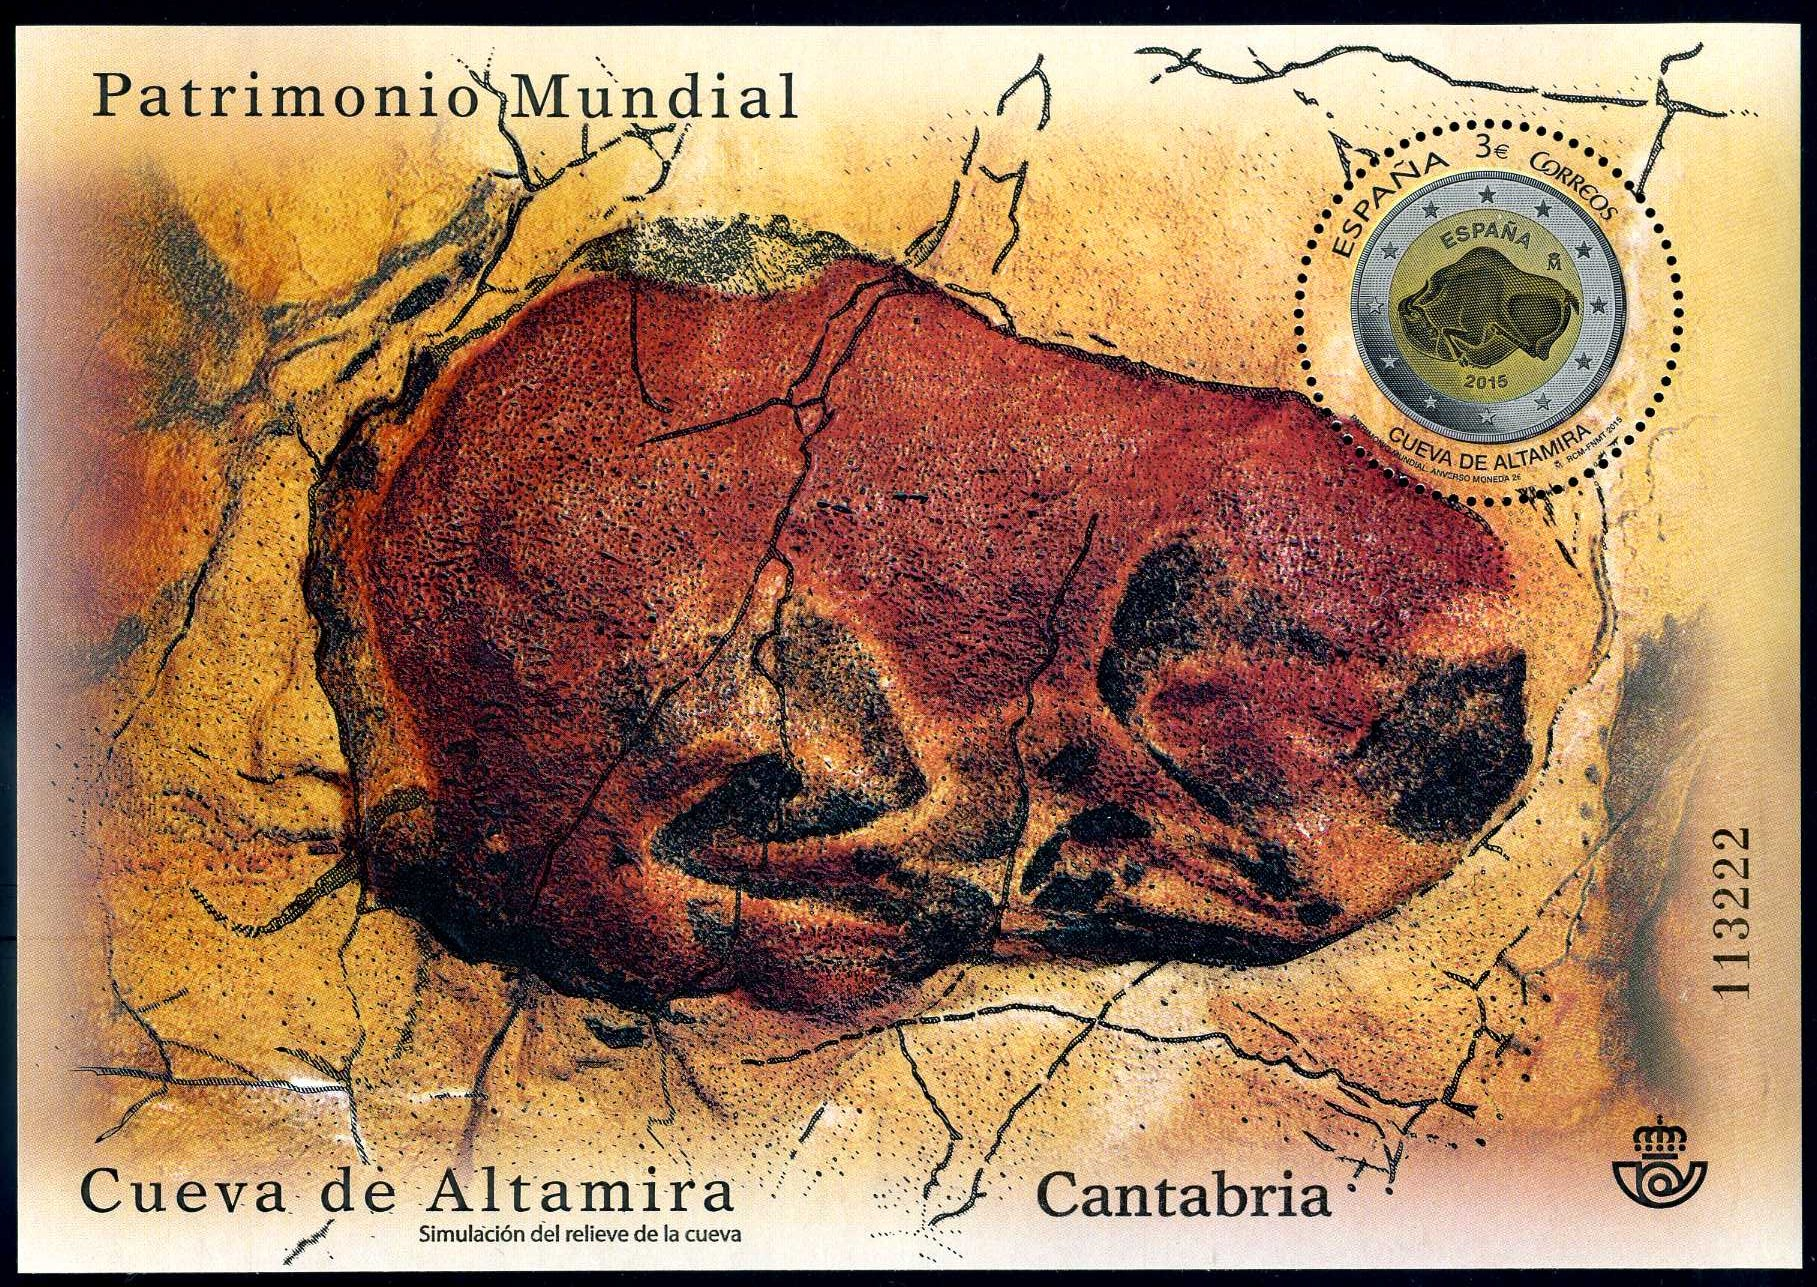 Spanien 2015 Altamira.jpg